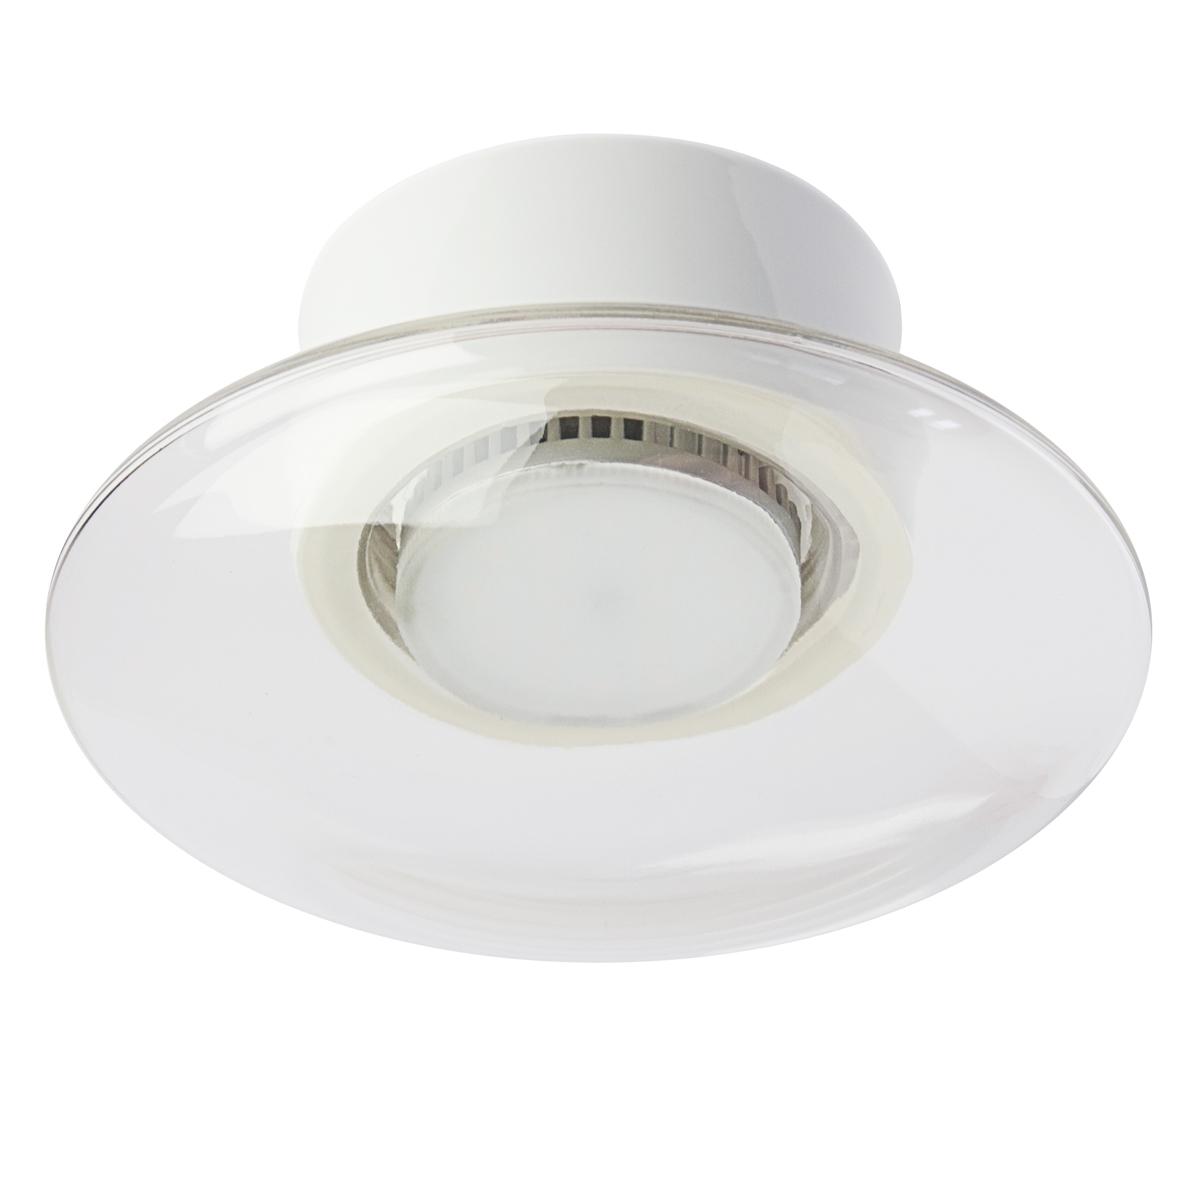 Moderne badlampe mit glasschirm an einer keramikhalterung